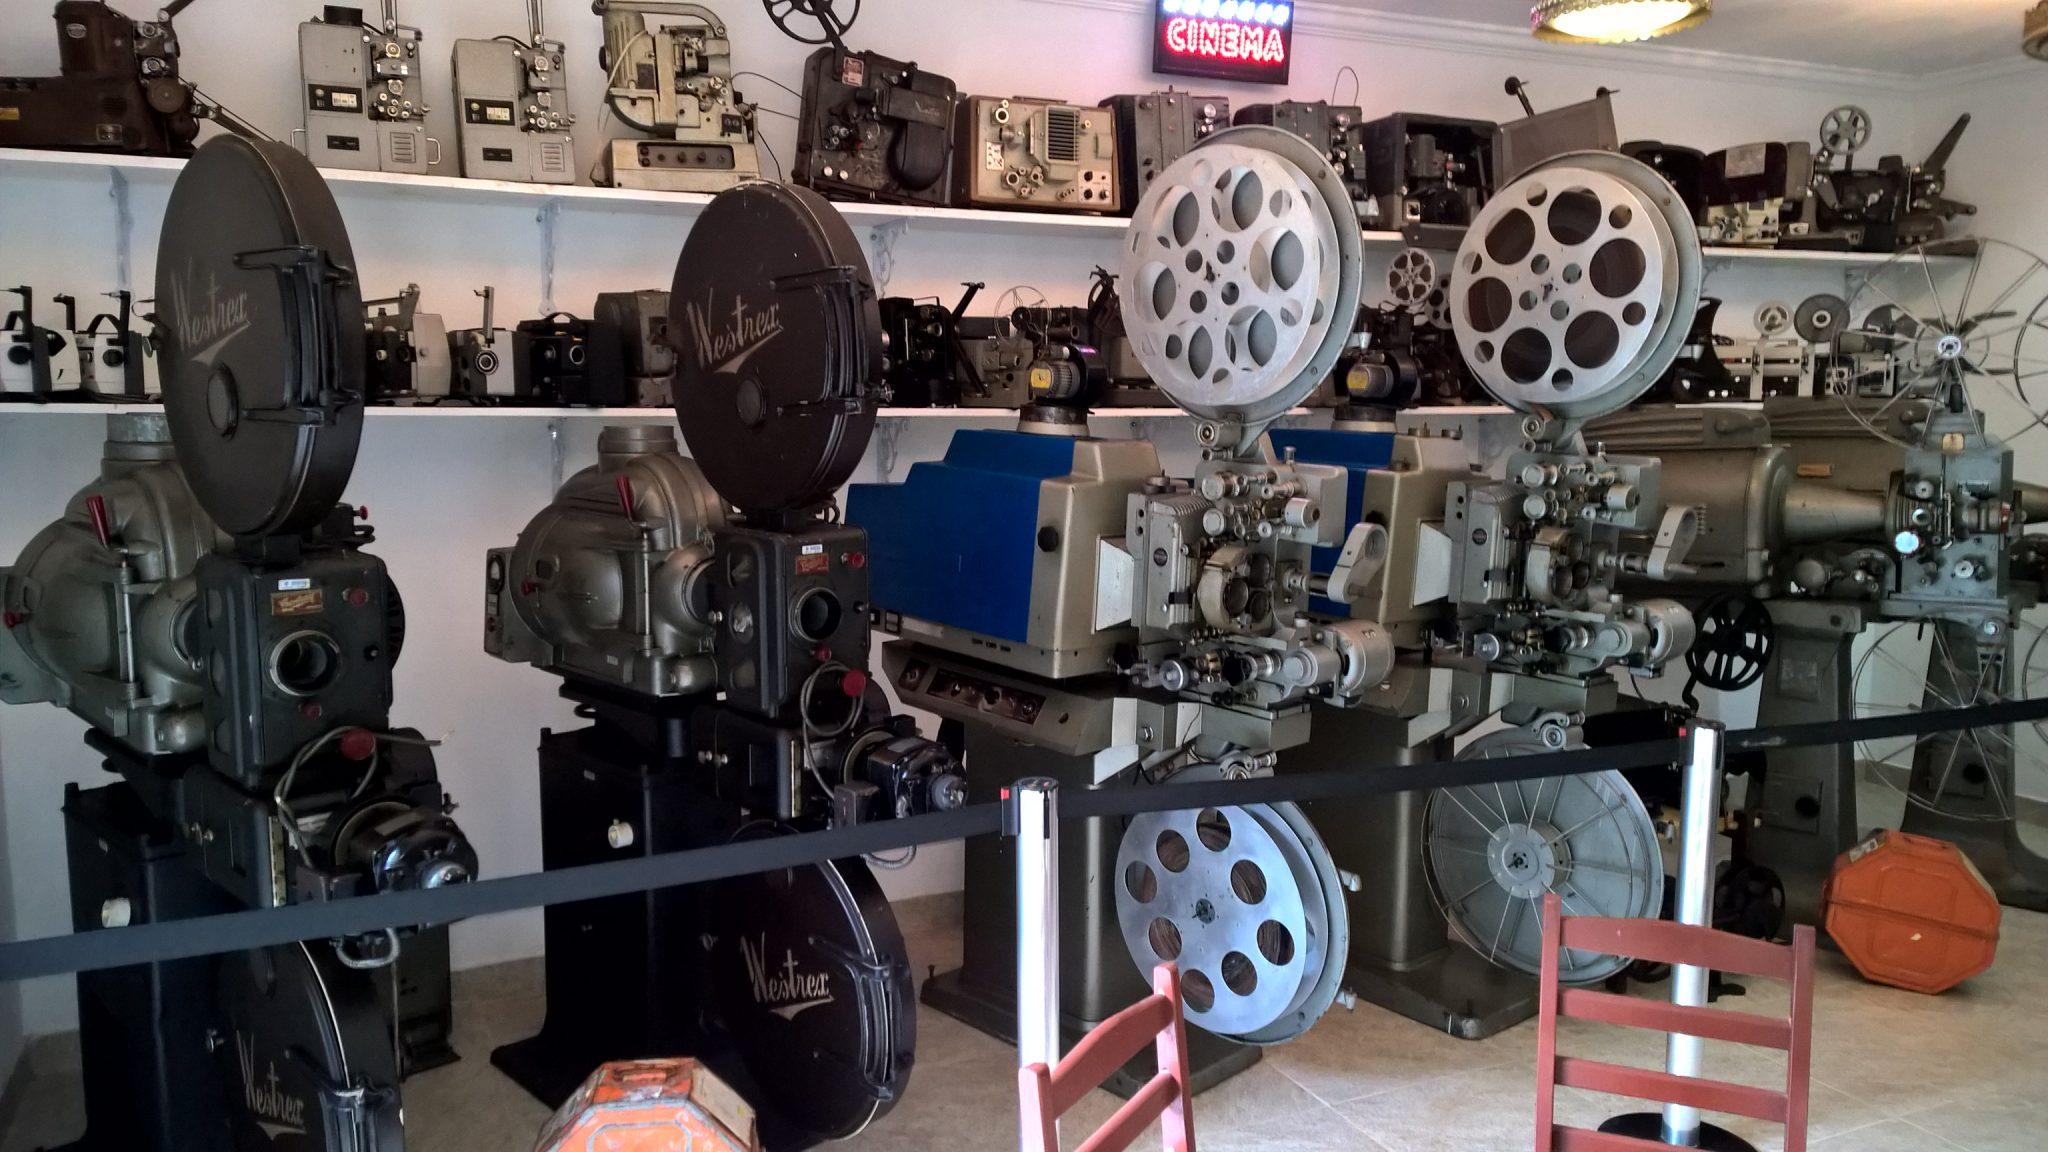 Museu de projetores de cinema